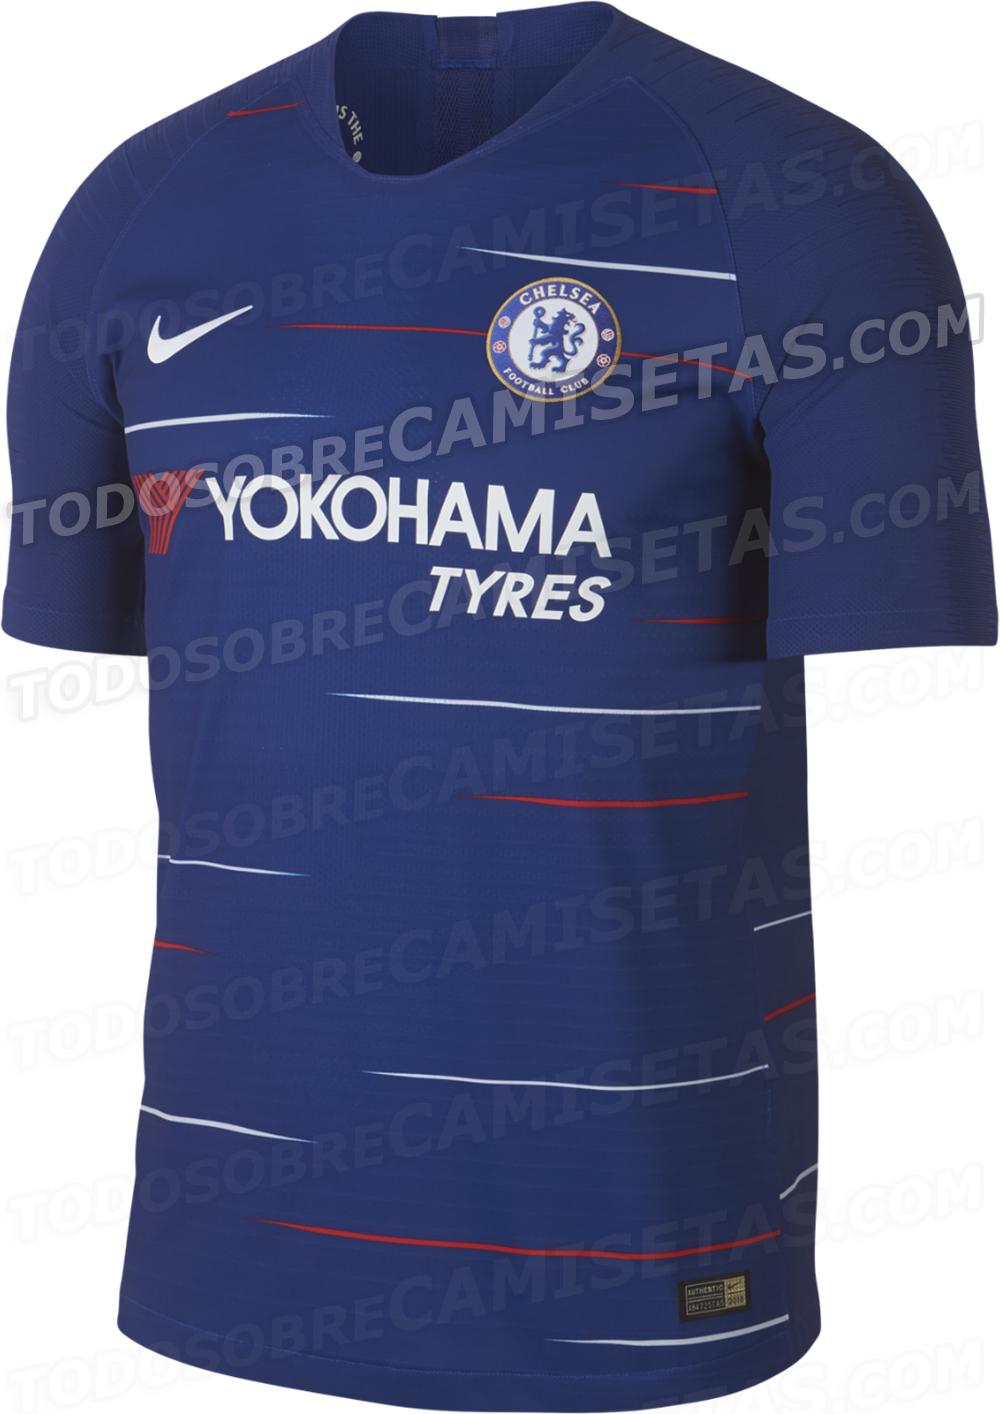 74ecdd36fe Site vaza suposta nova camisa do Chelsea com listras vermelhas e brancas